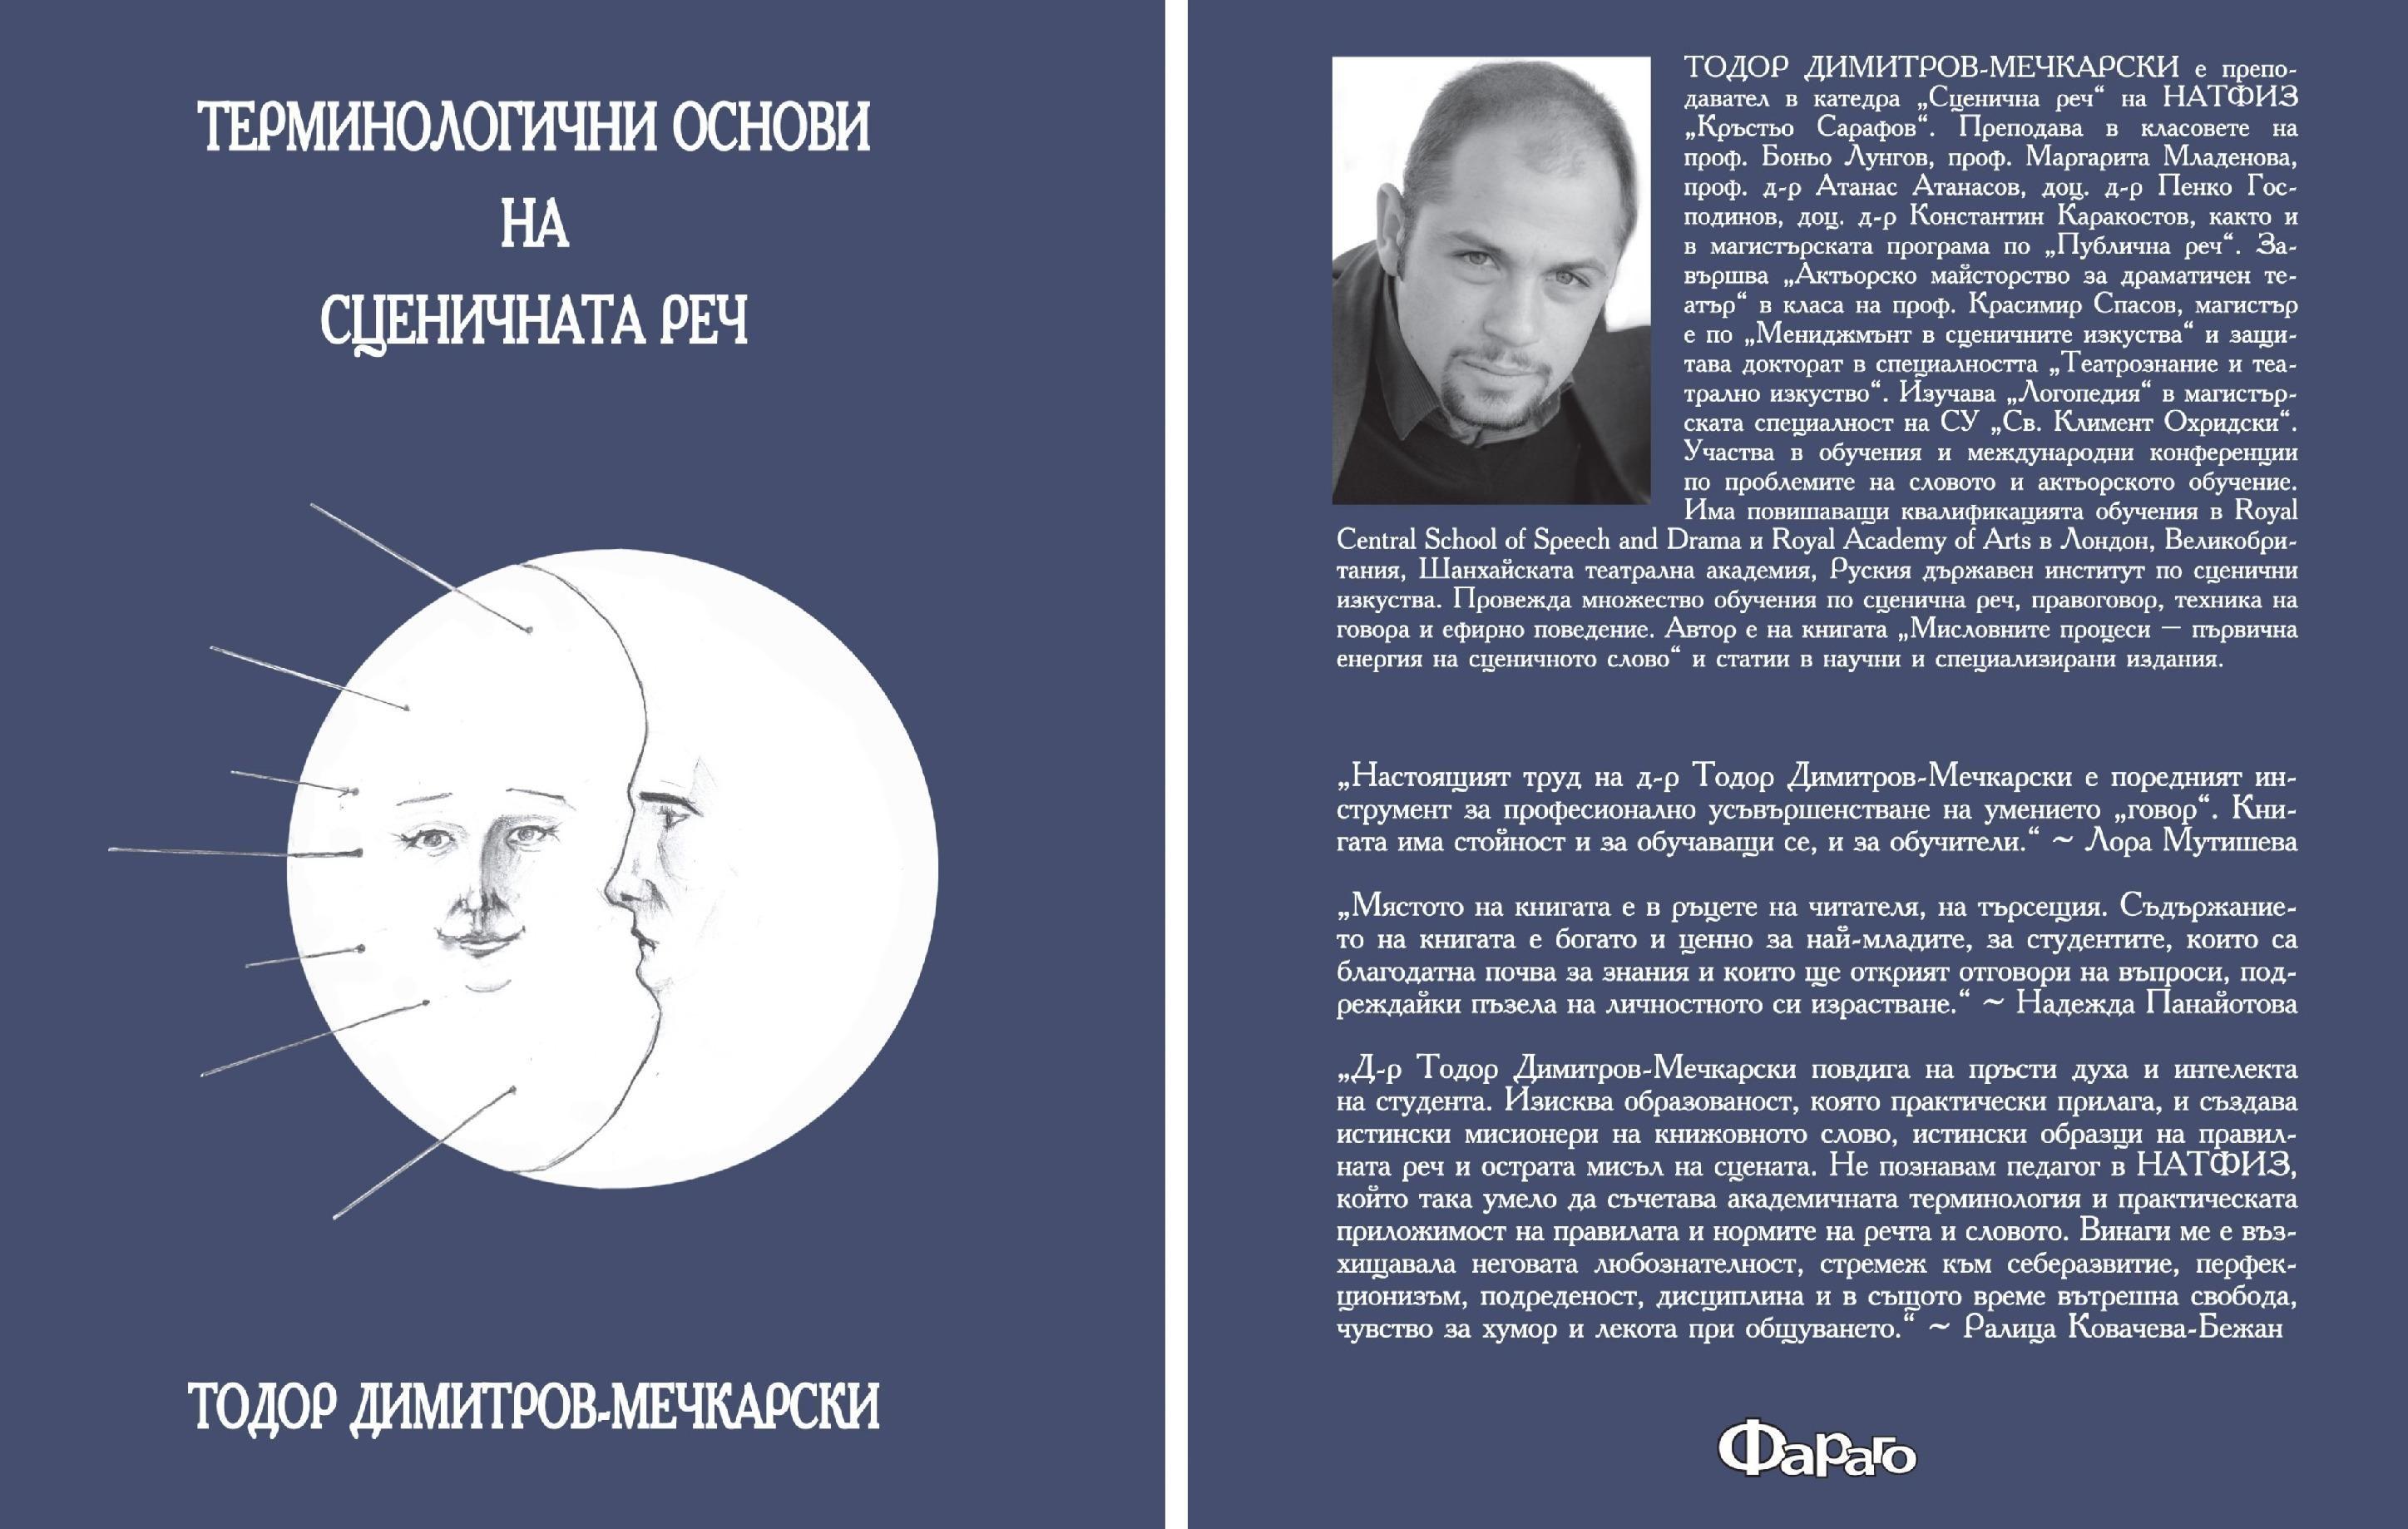 """Излезе втората книга на гл. ас. д-р Тодор Димитров-Мечкарски, """"Терминологични основи на сценичната реч"""""""